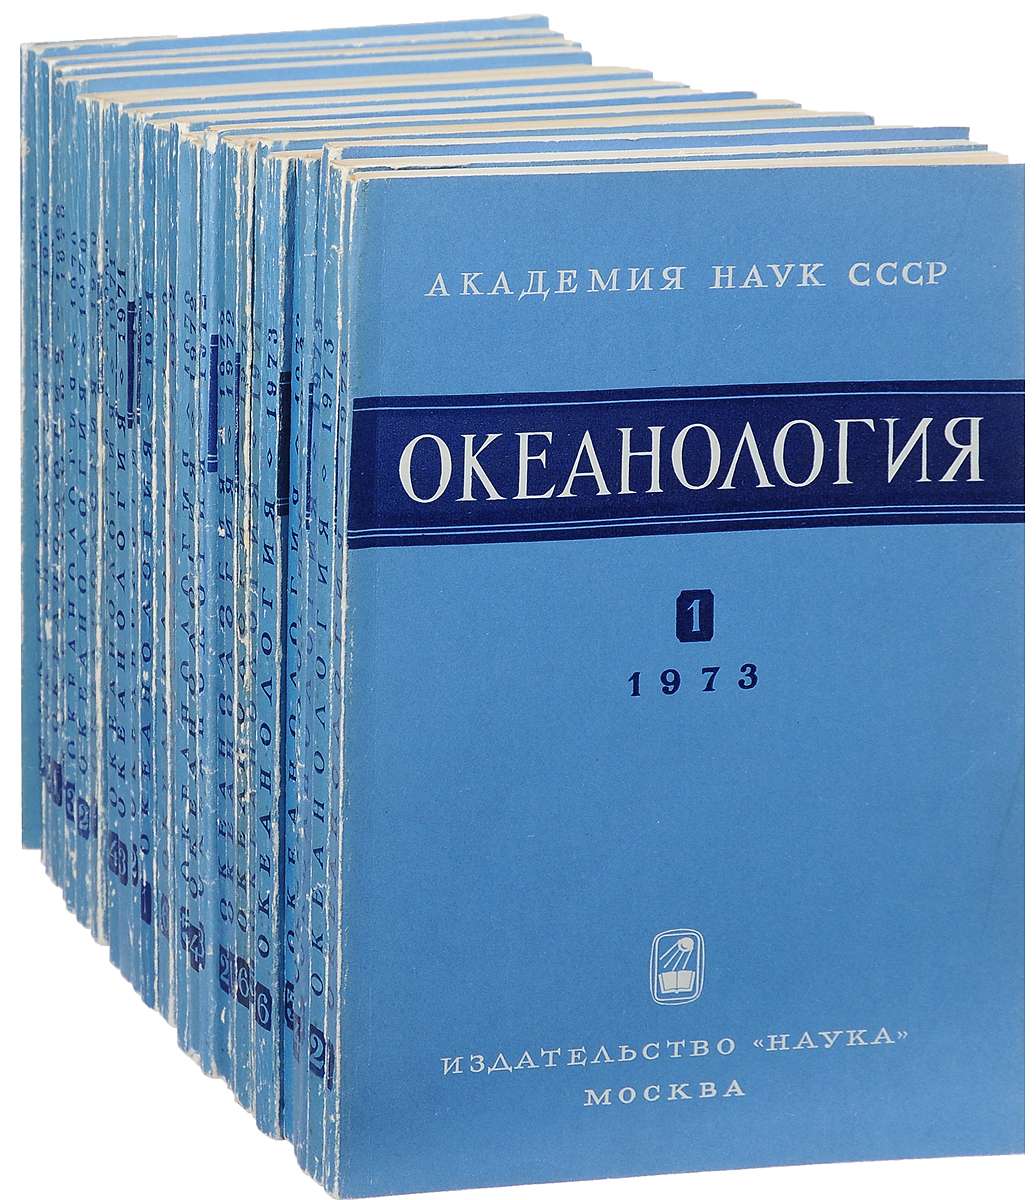 Журнал Океанология с 1969 по 1973 гг. (комплект из 28 журналов)